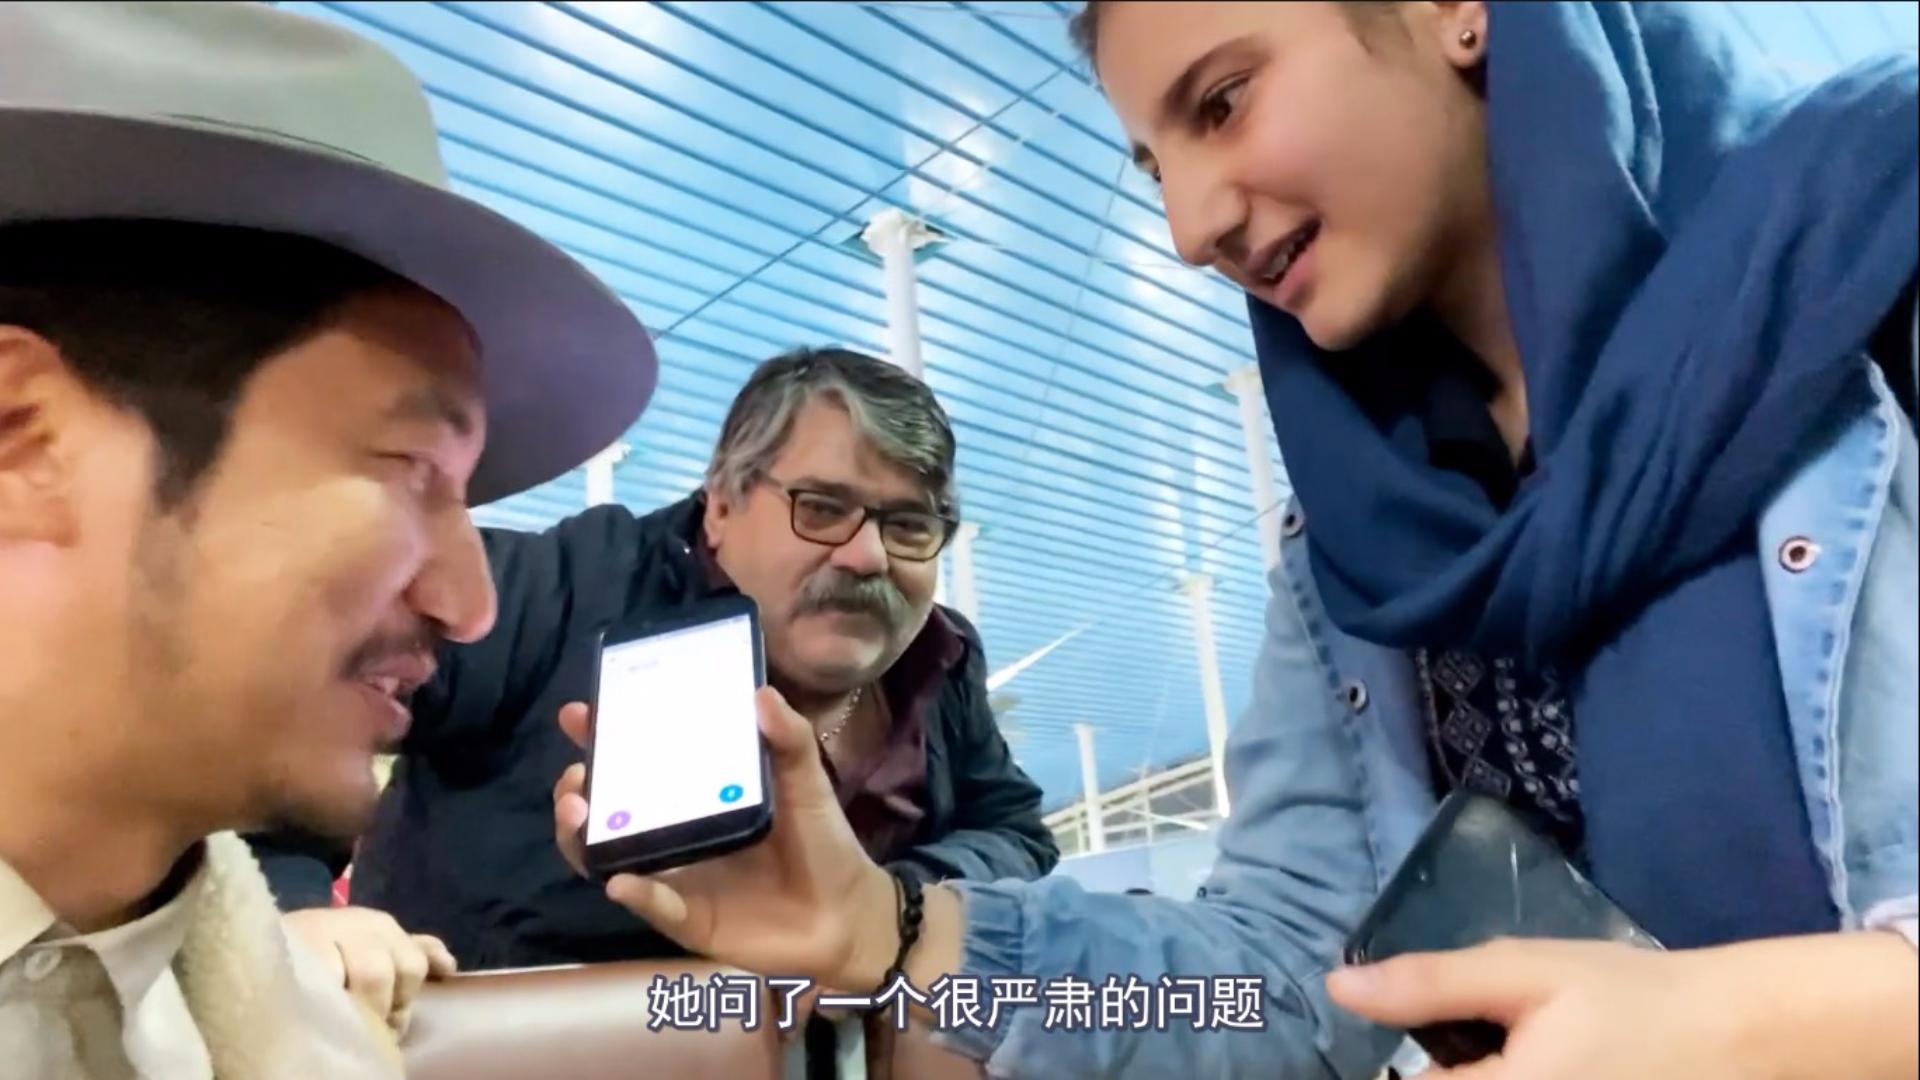 中国大叔去伊朗旅游,被当地女孩搭讪,问完结没结婚又问联系方式